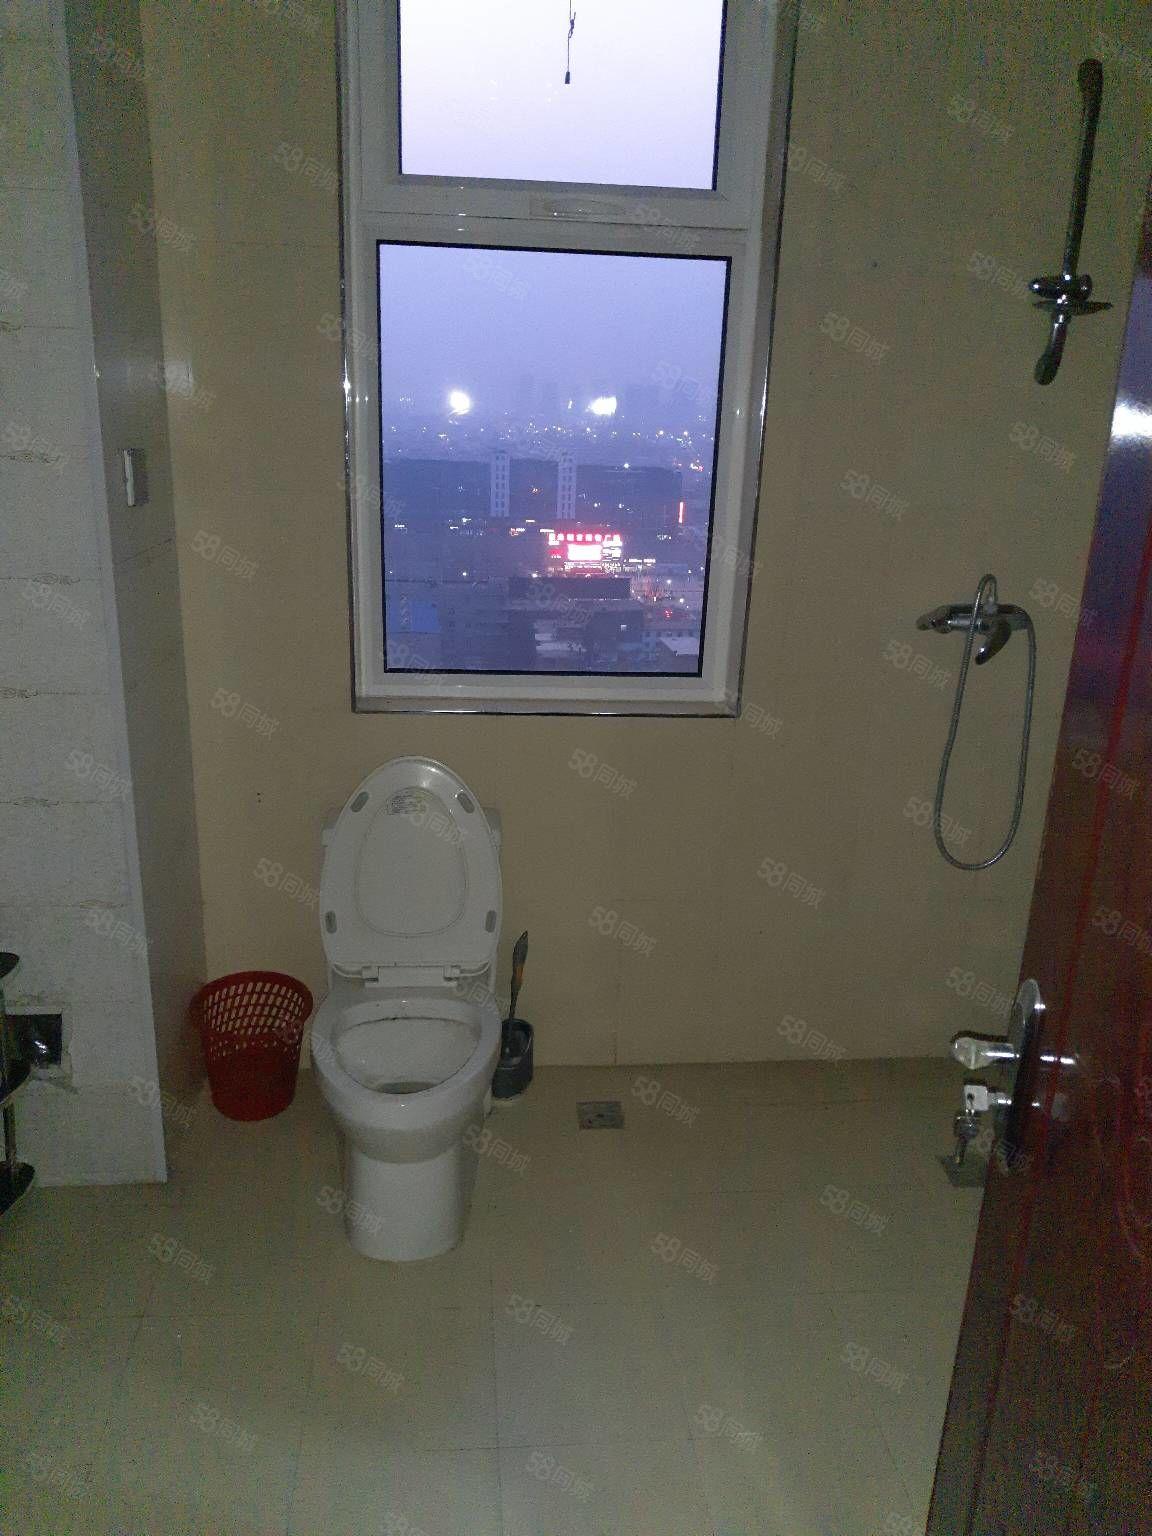 附中附近阳光小区两室出租有家具能做饭能洗澡停车方便拎包住